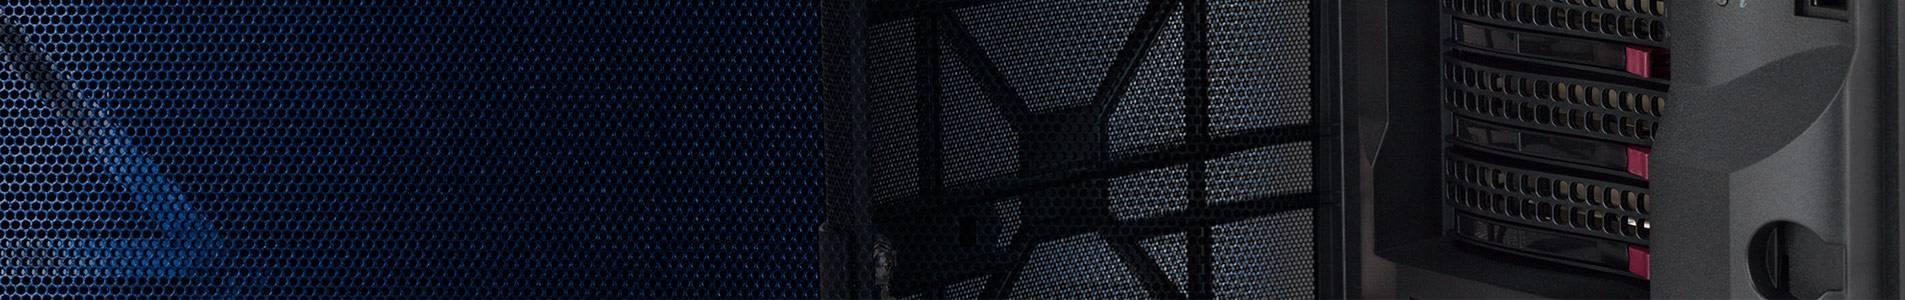 microserver-nexus-pi-1304h1